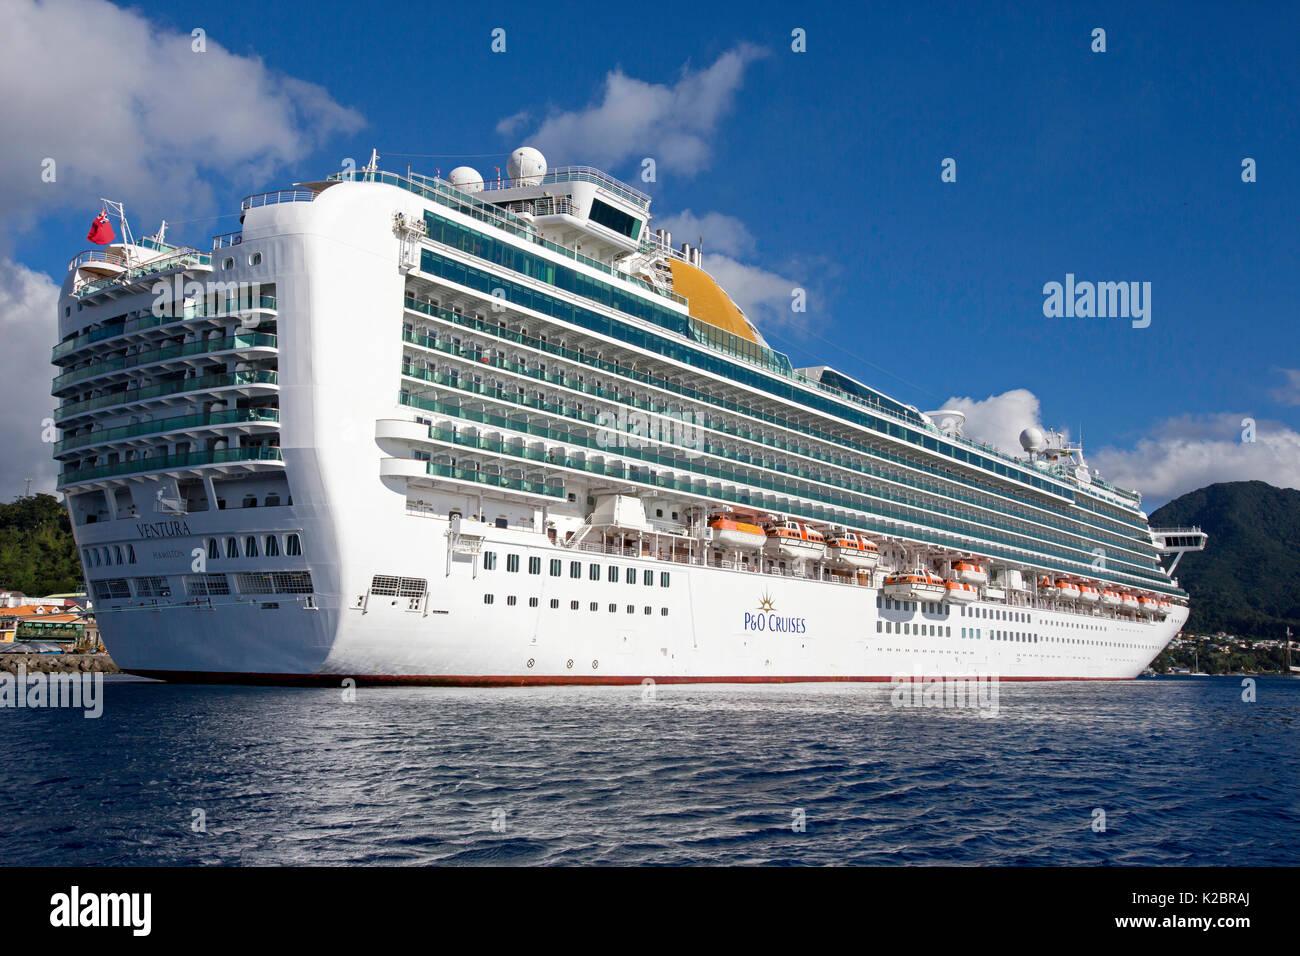 Crociera transatlantica nave ormeggiata in Dominica, dei Caraibi. Tutti i non-usi editoriali deve essere eliminato singolarmente. Immagini Stock